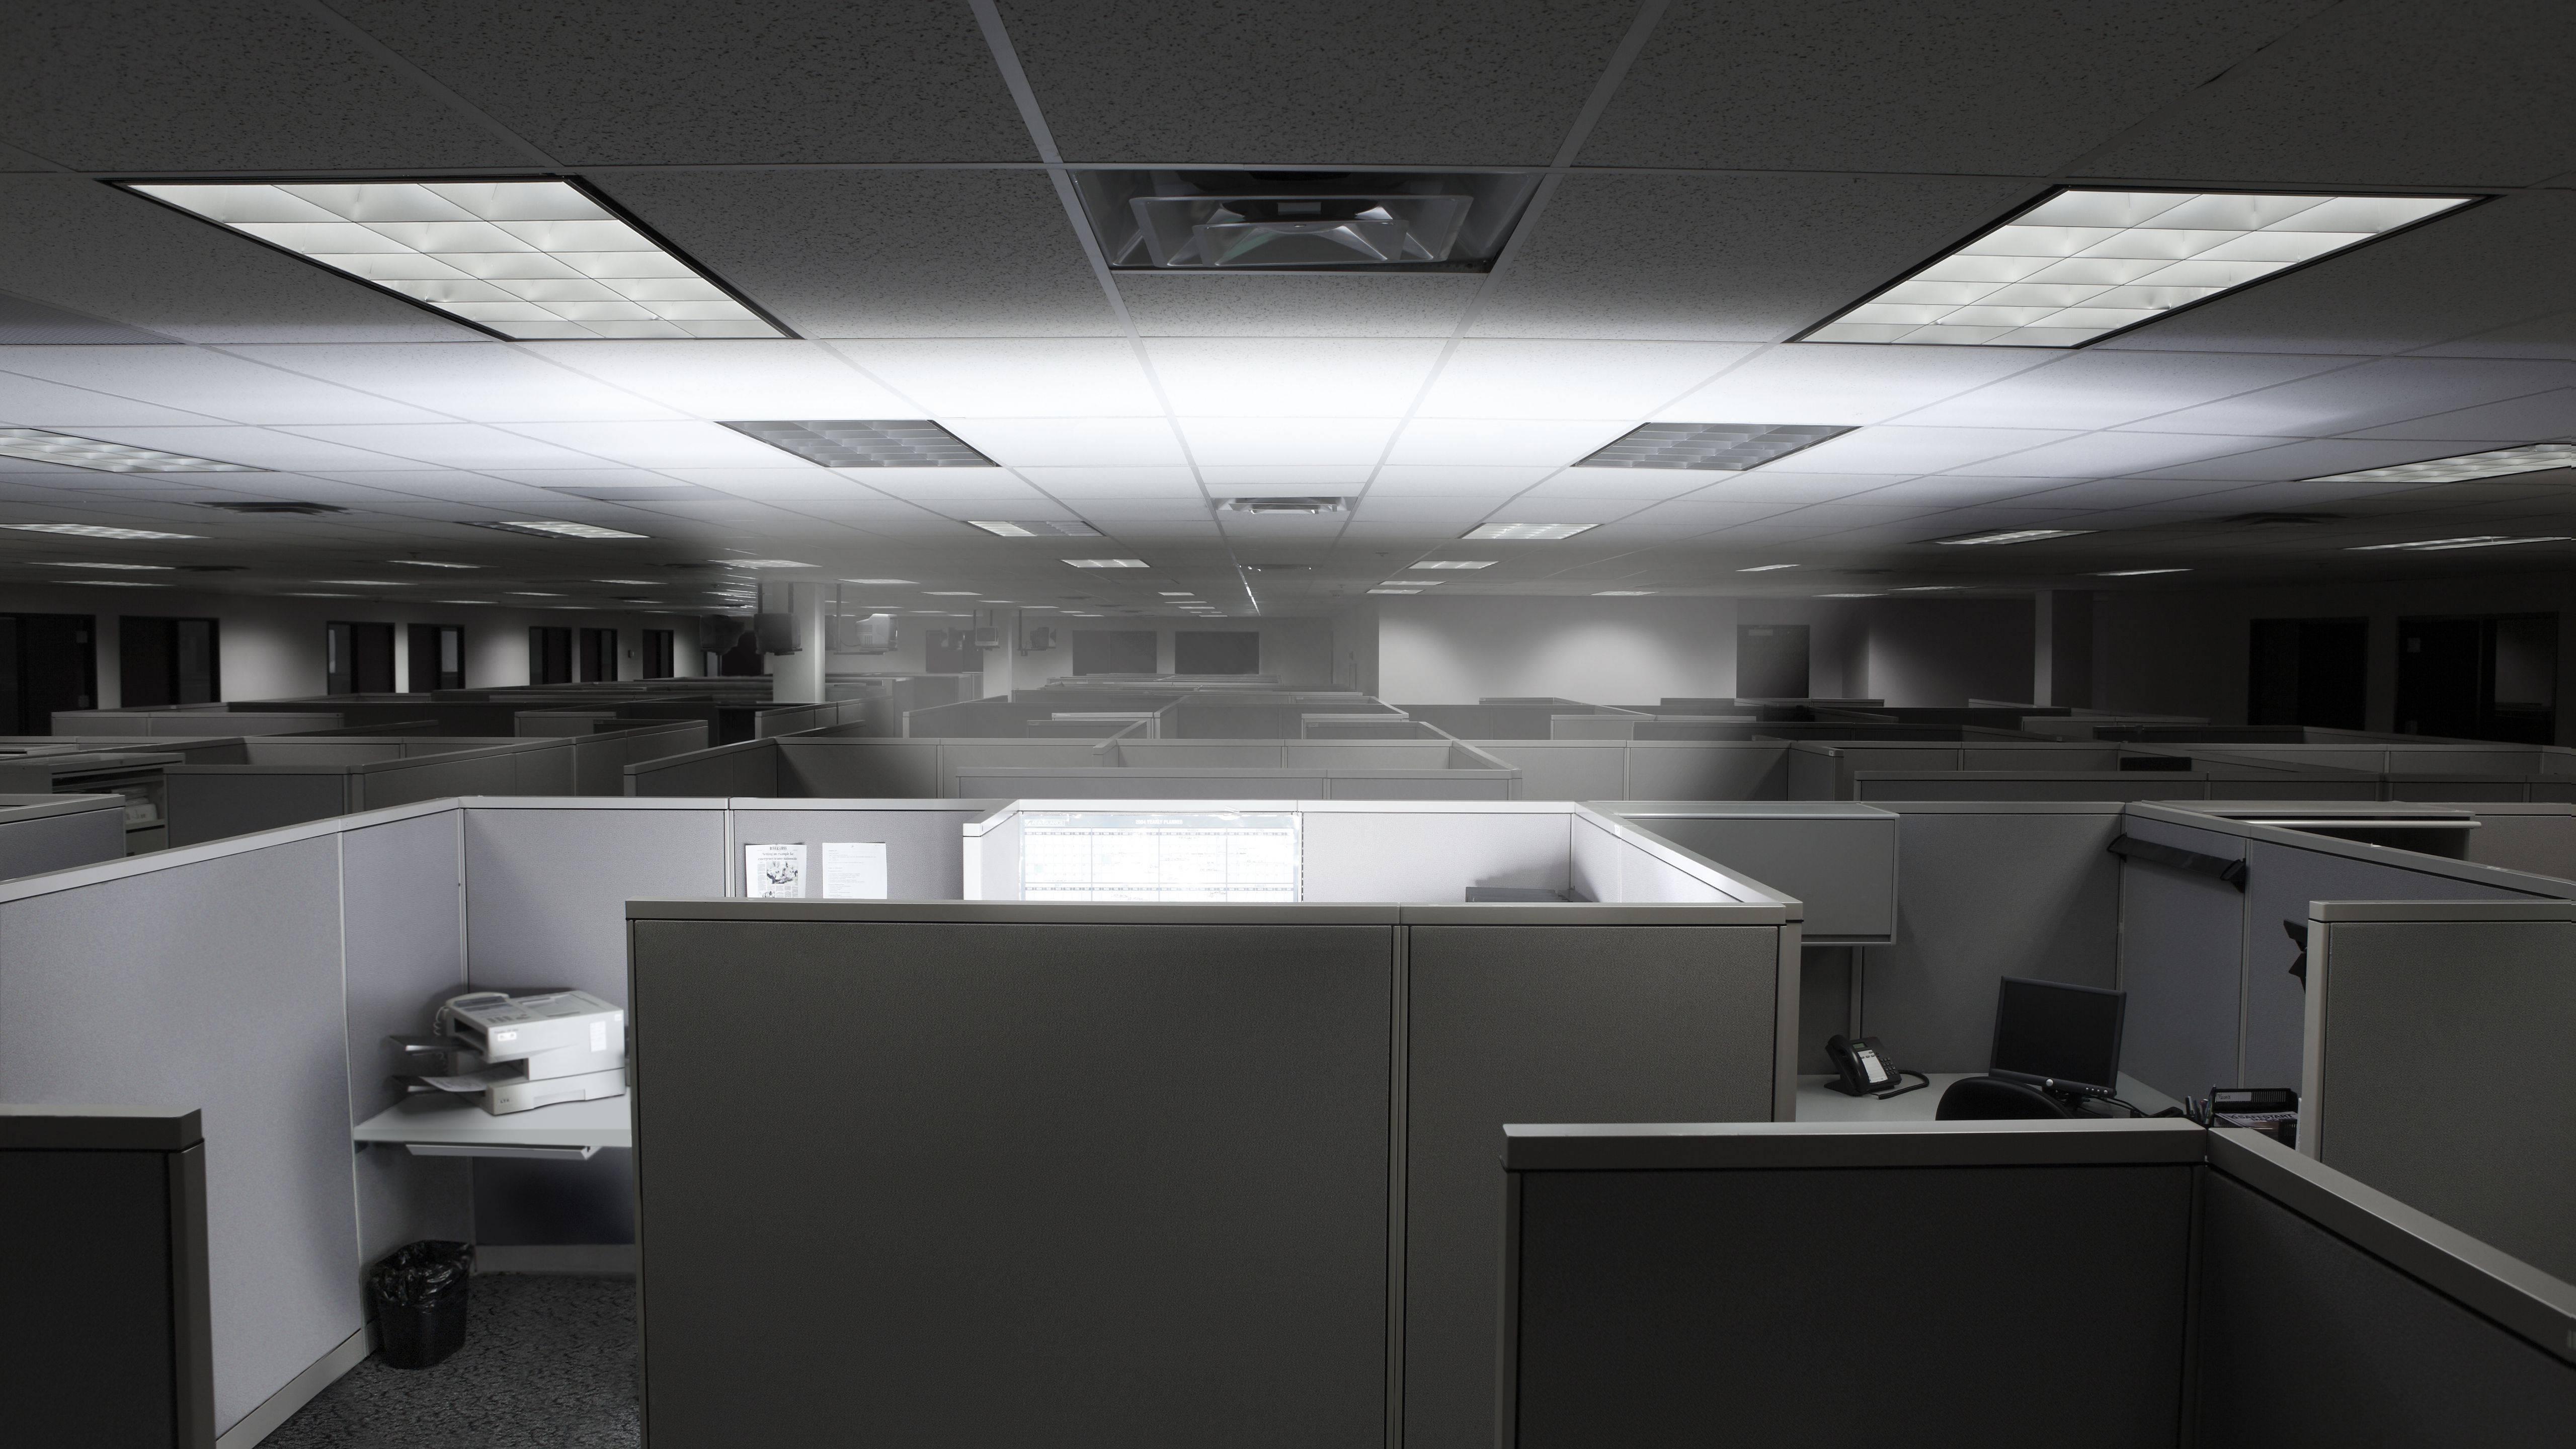 glowing cubicle in an empty office 5b266a25eb97de